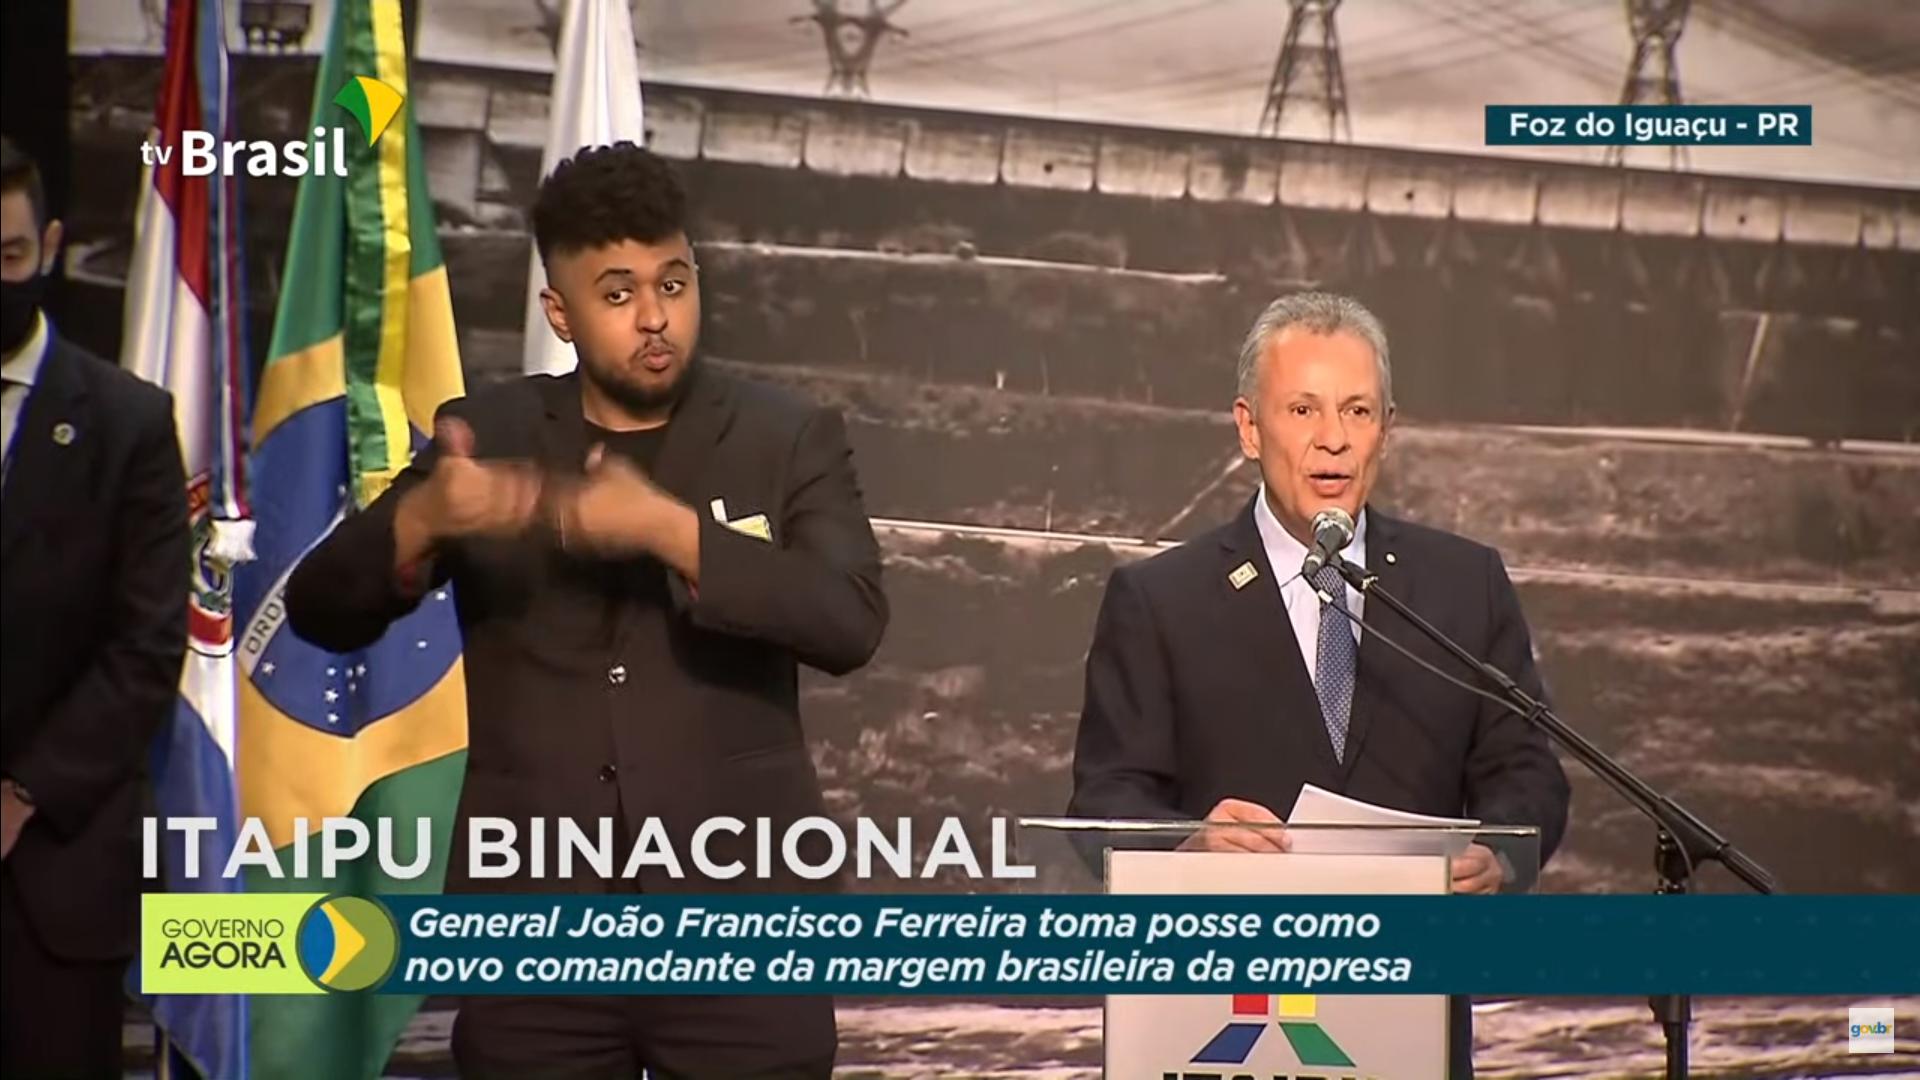 IMAGEM: Bento Albuquerque: em 2023, teremos 'grande oportunidade' com novo acordo sobre Itaipu